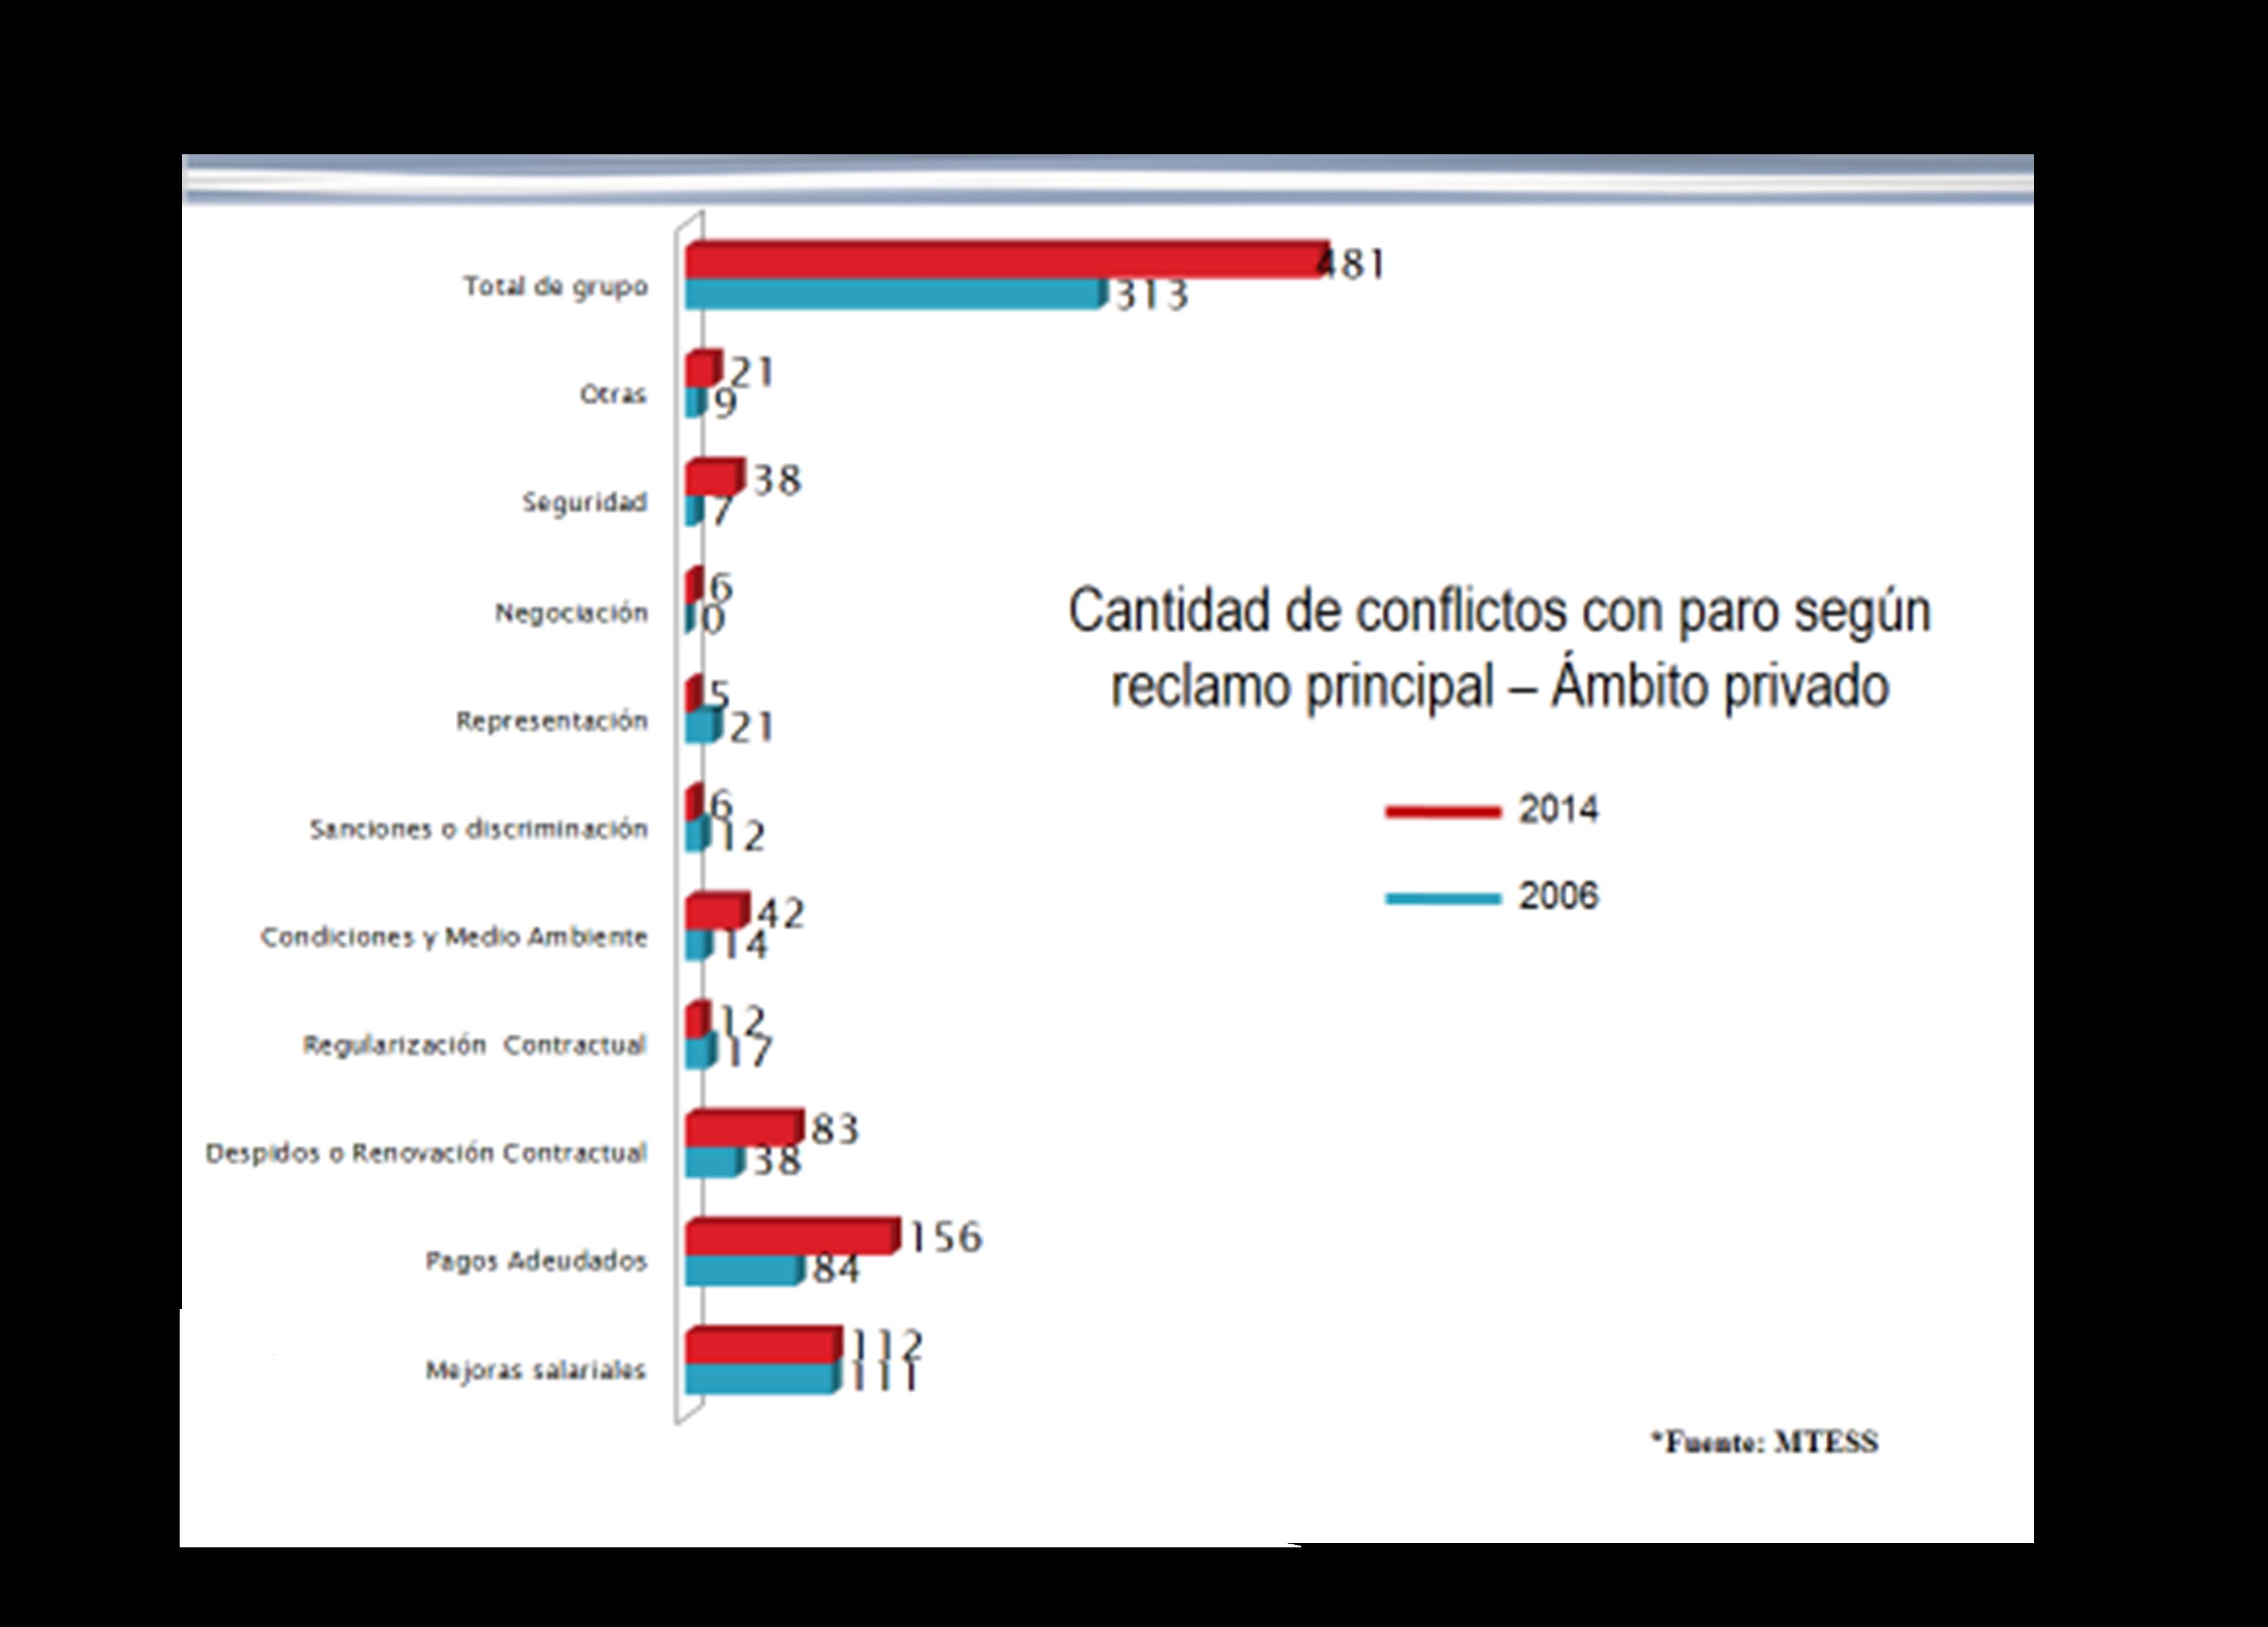 Gráfico n°4: Cantidad de             conflictos con paro en ámbito privado. Comparación 2006 vs 2014.             Ámbito privado